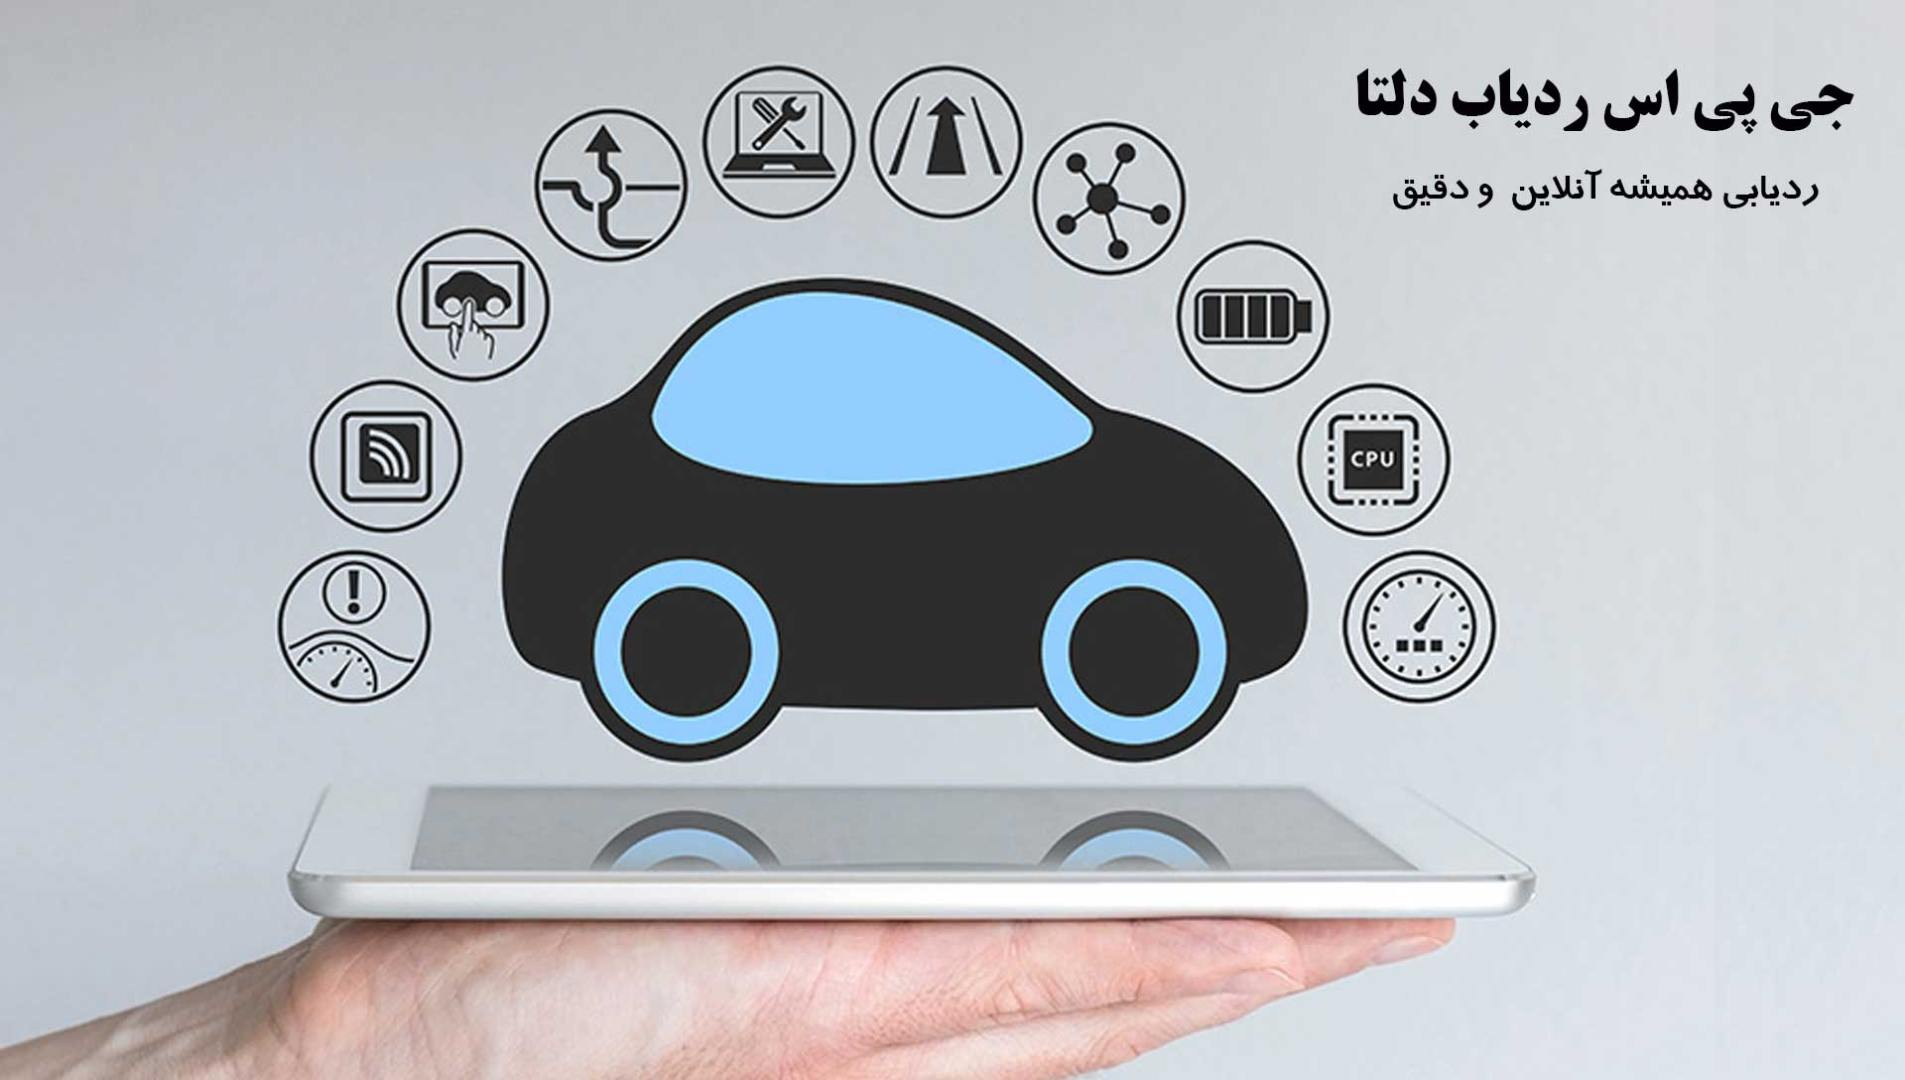 ردیاب خودرو بدون محدودیت نصب نرم افزار جی پی اس